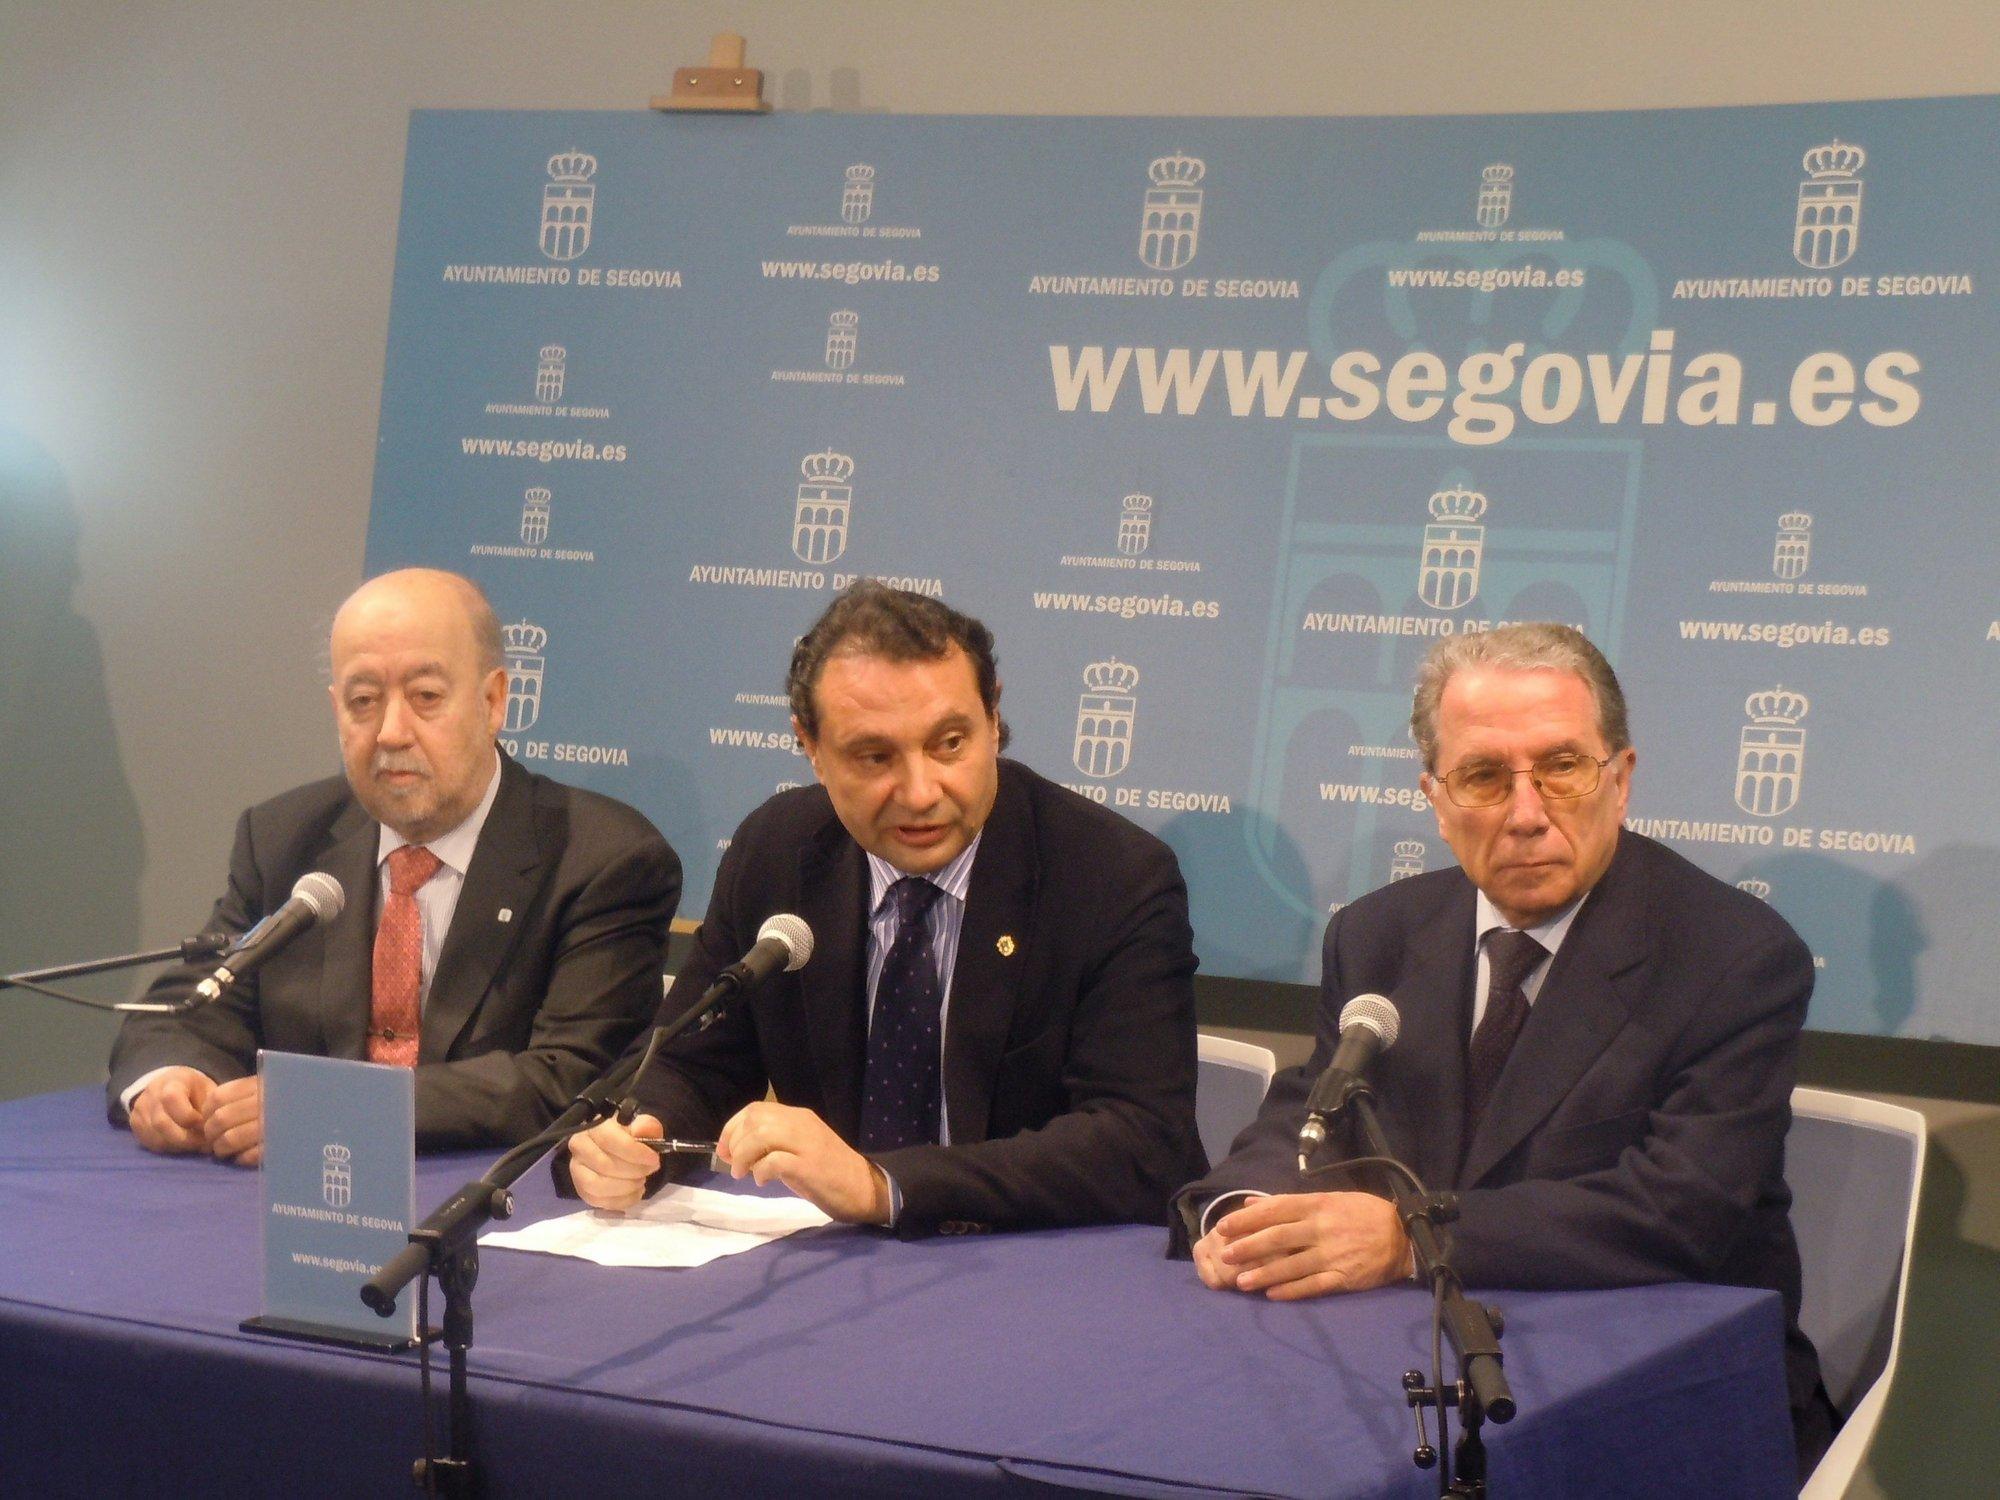 La recuperación del río Segura en Murcia y el viaducto del AVE en el Ulla ganan el Premio Acueducto de Segovia